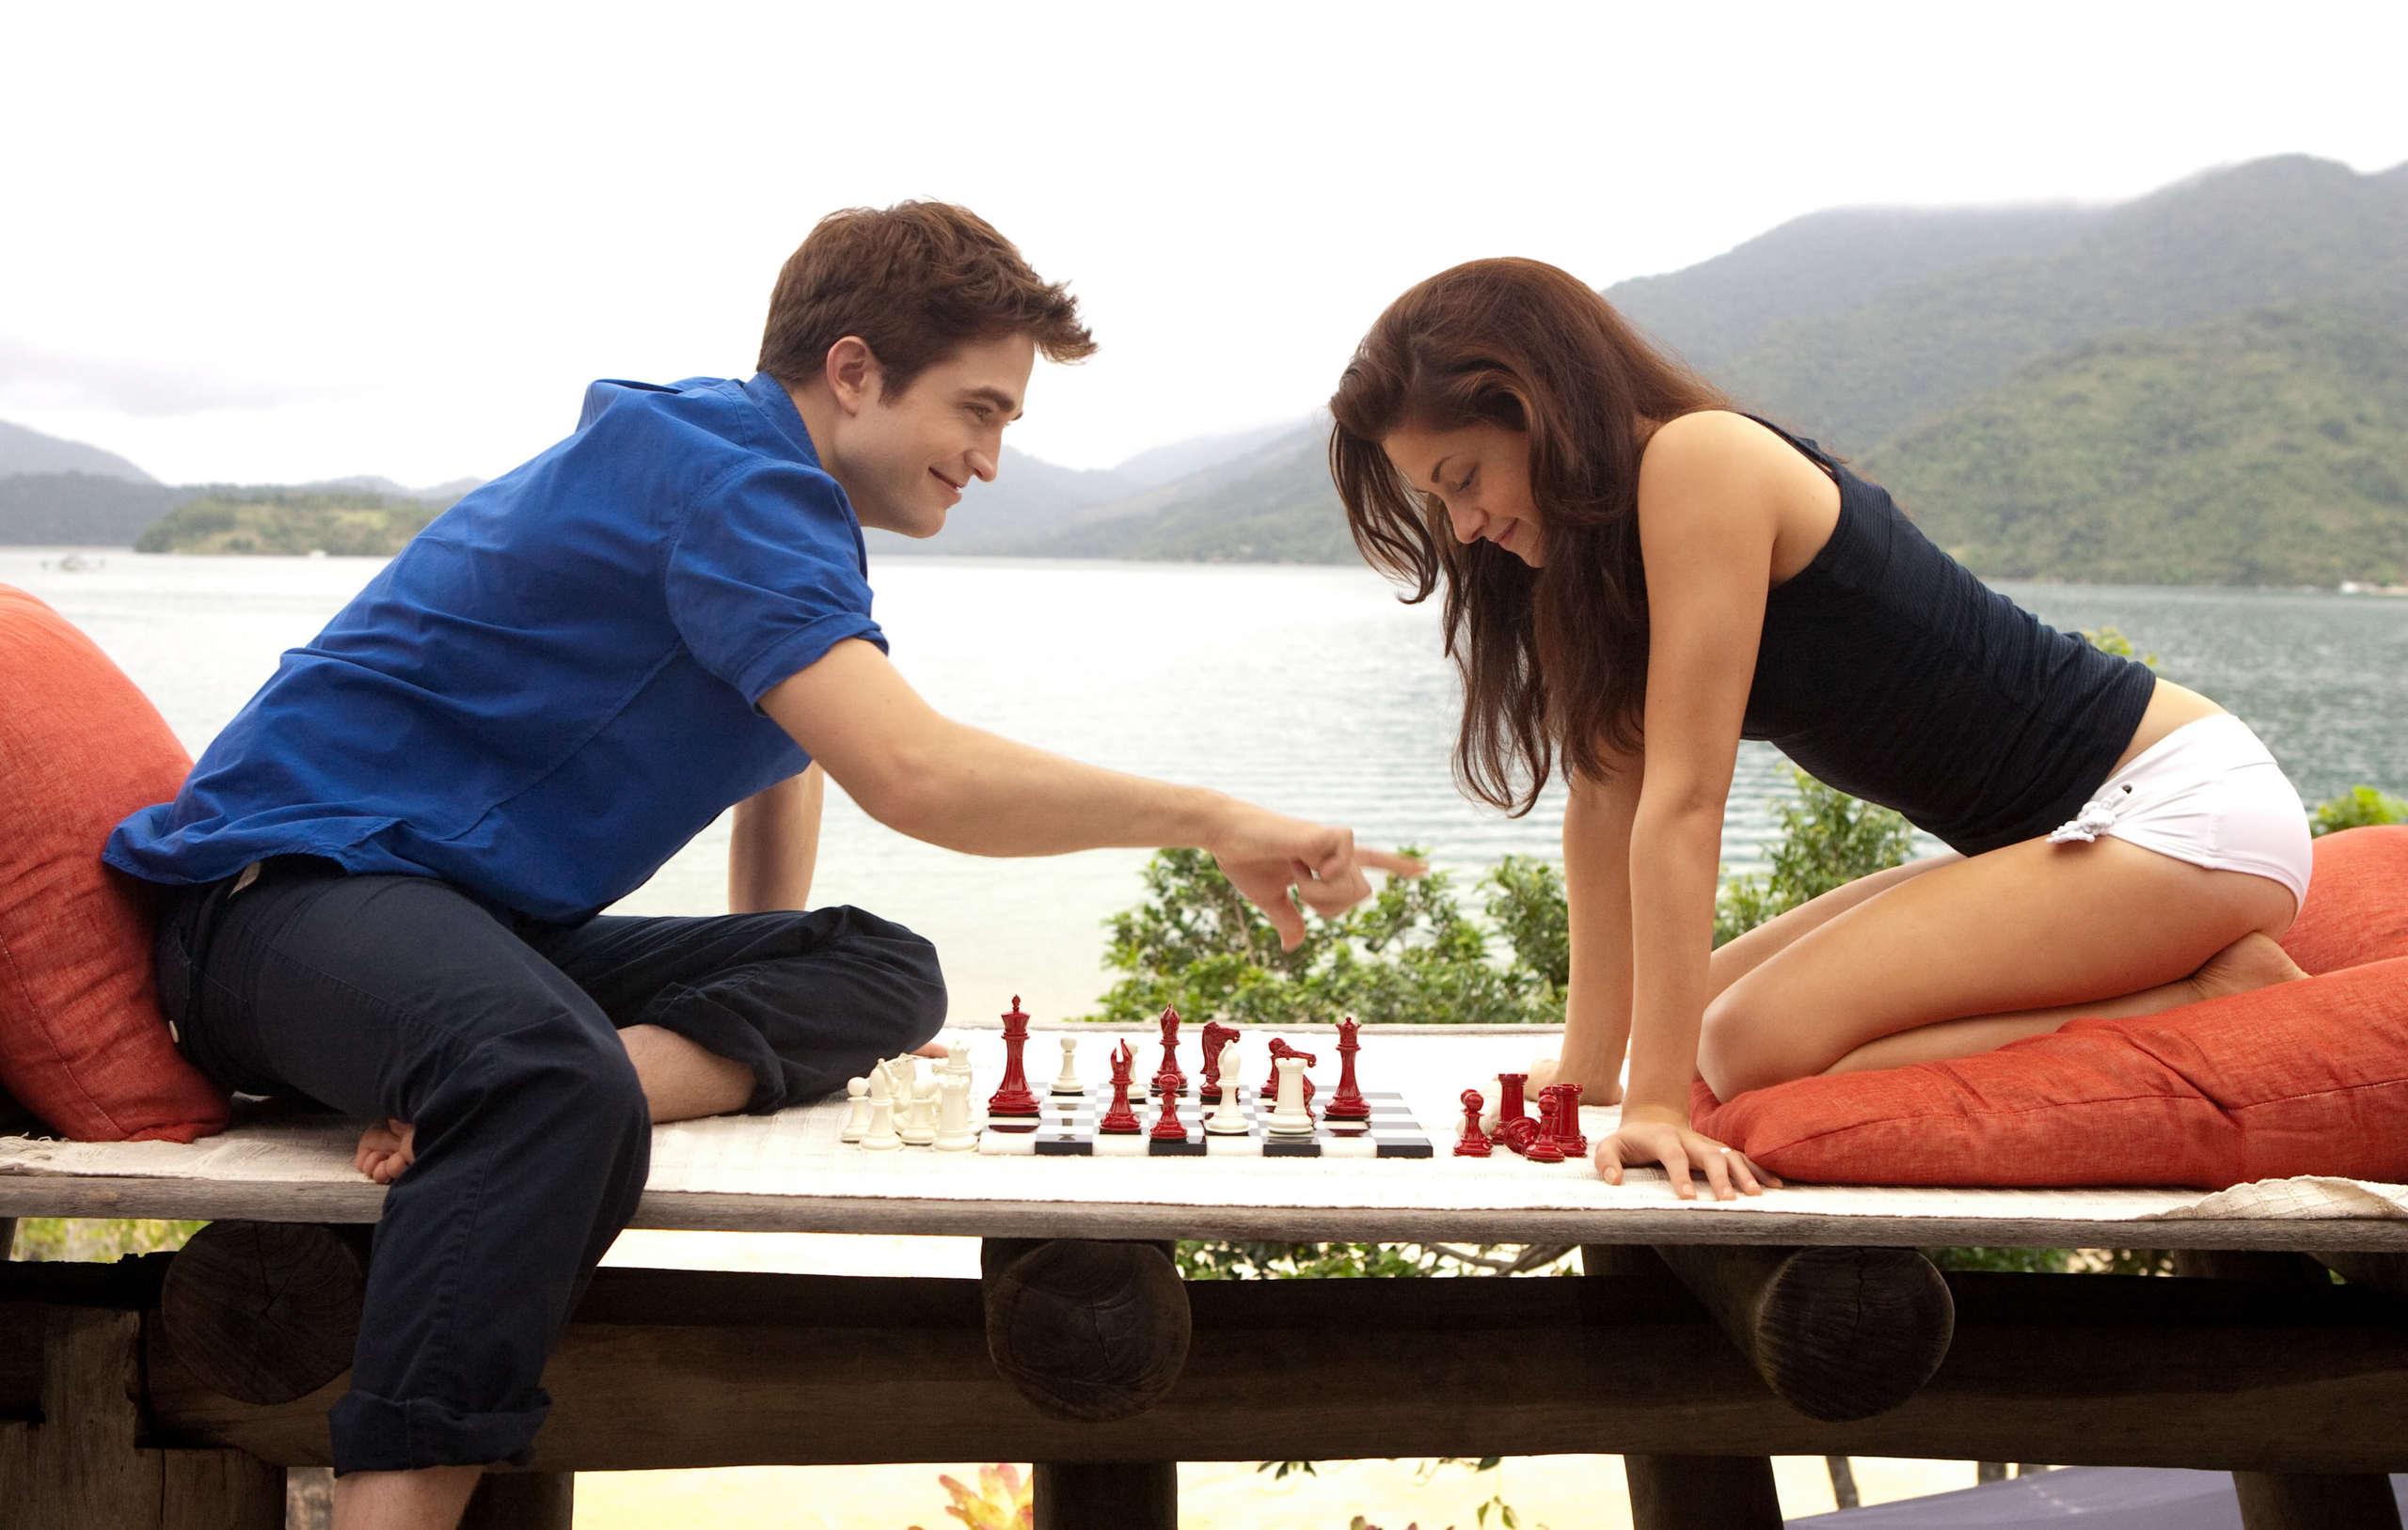 edward and bella playing chess